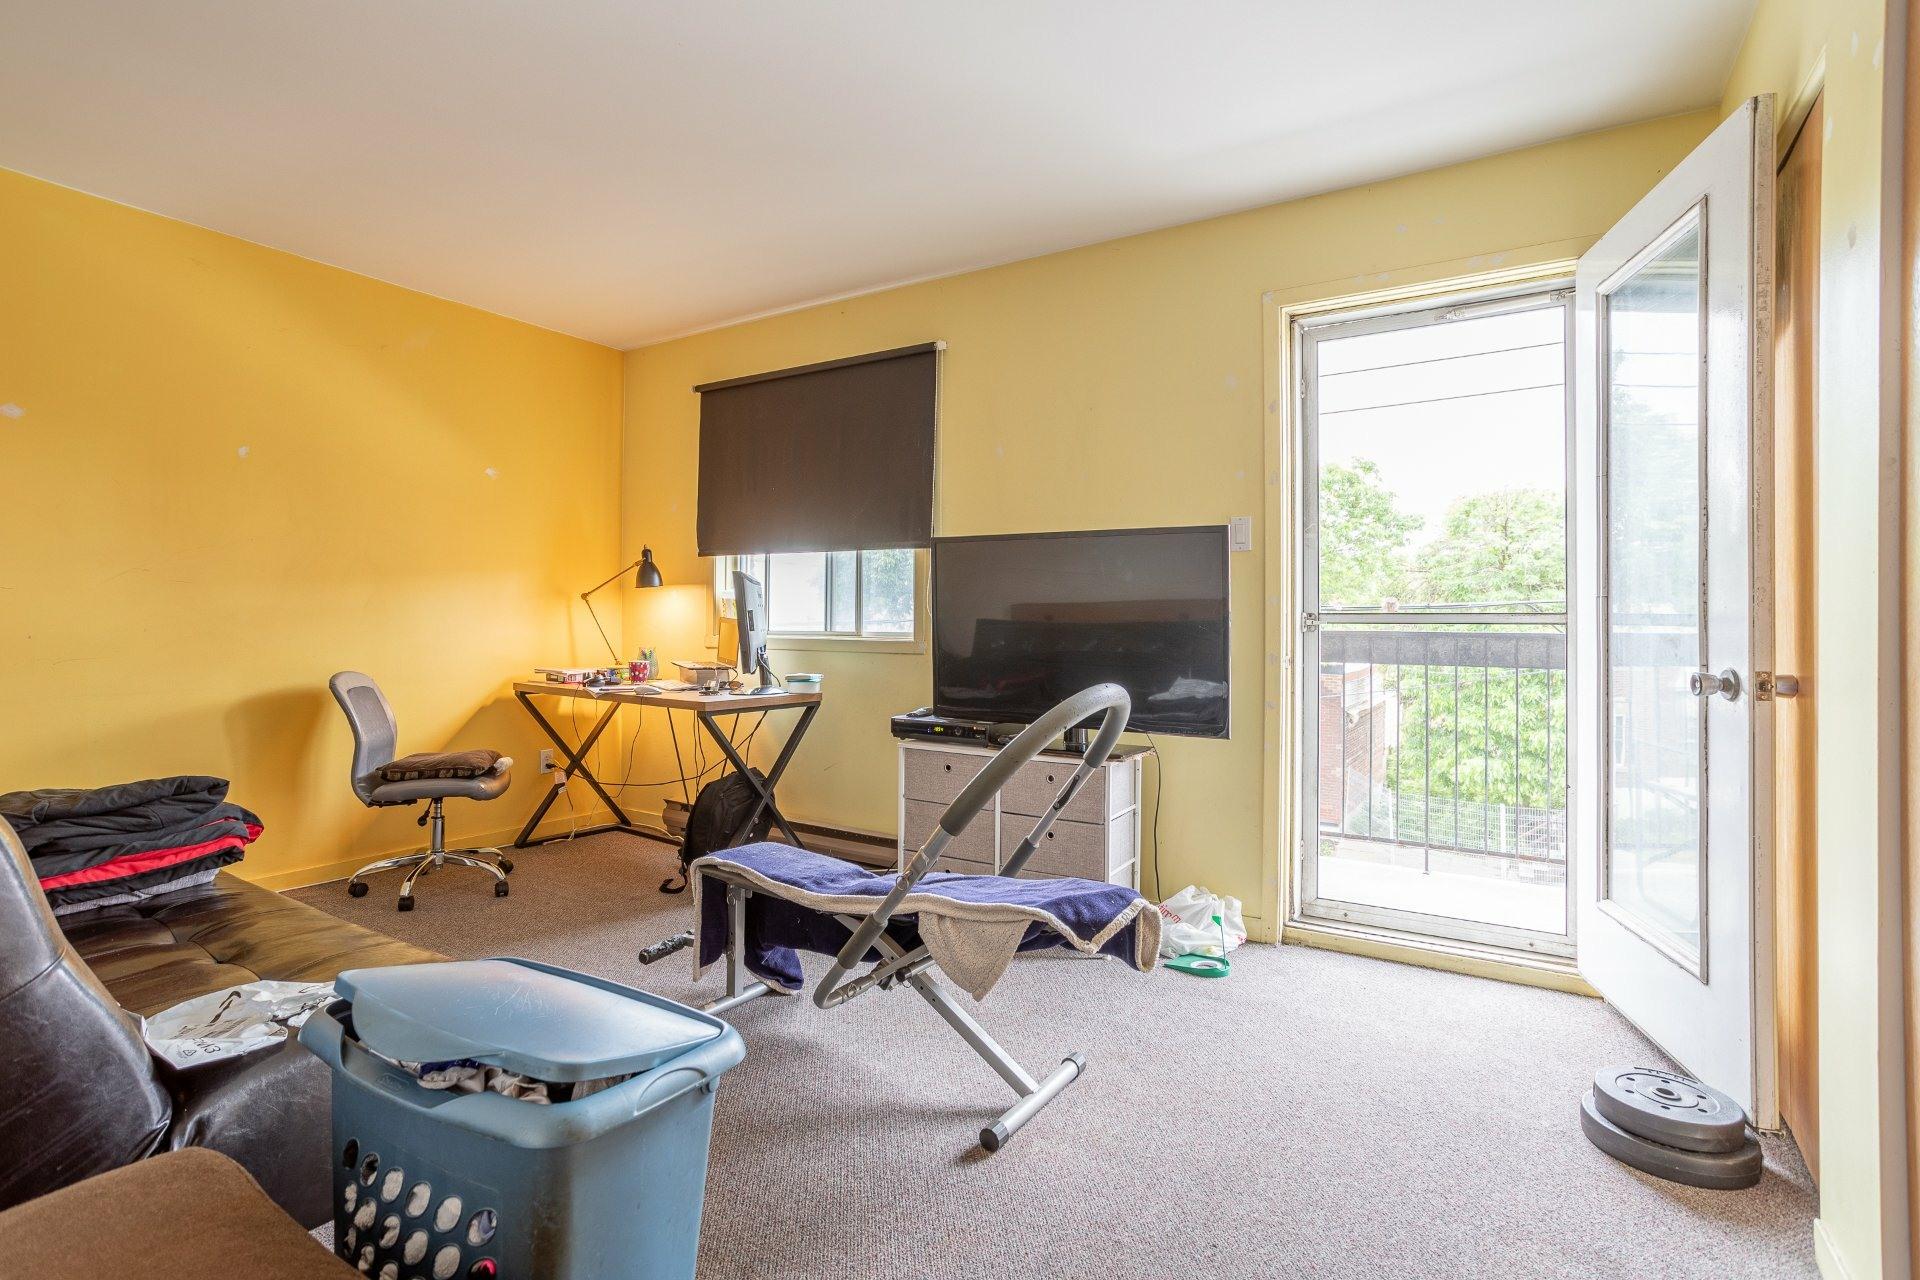 image 25 - Quadruplex For sale Mercier/Hochelaga-Maisonneuve Montréal  - 4 rooms